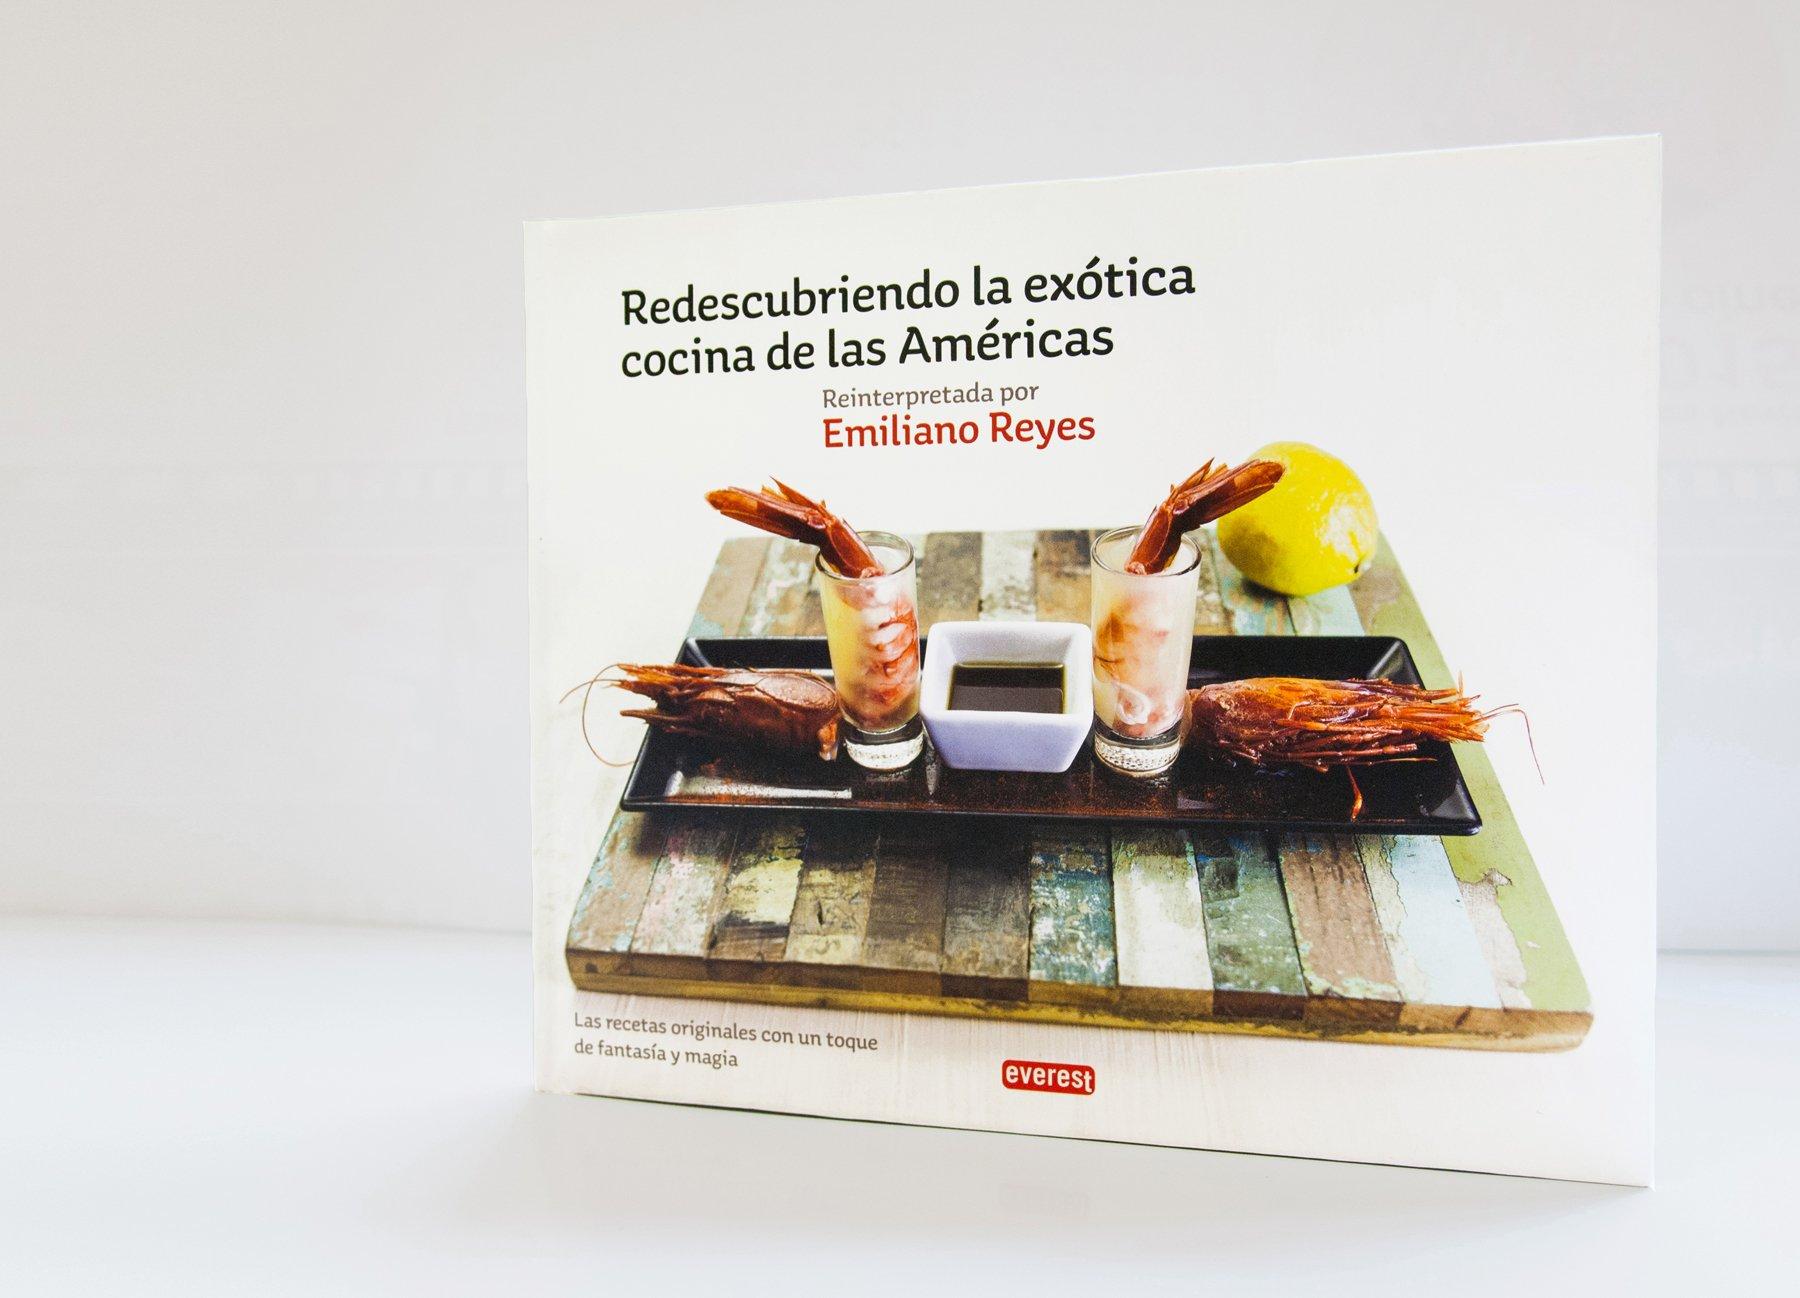 CÓMETE LA PANAMERICANA CON EL LIBRO DEL GENIAL EMILIANO REYES